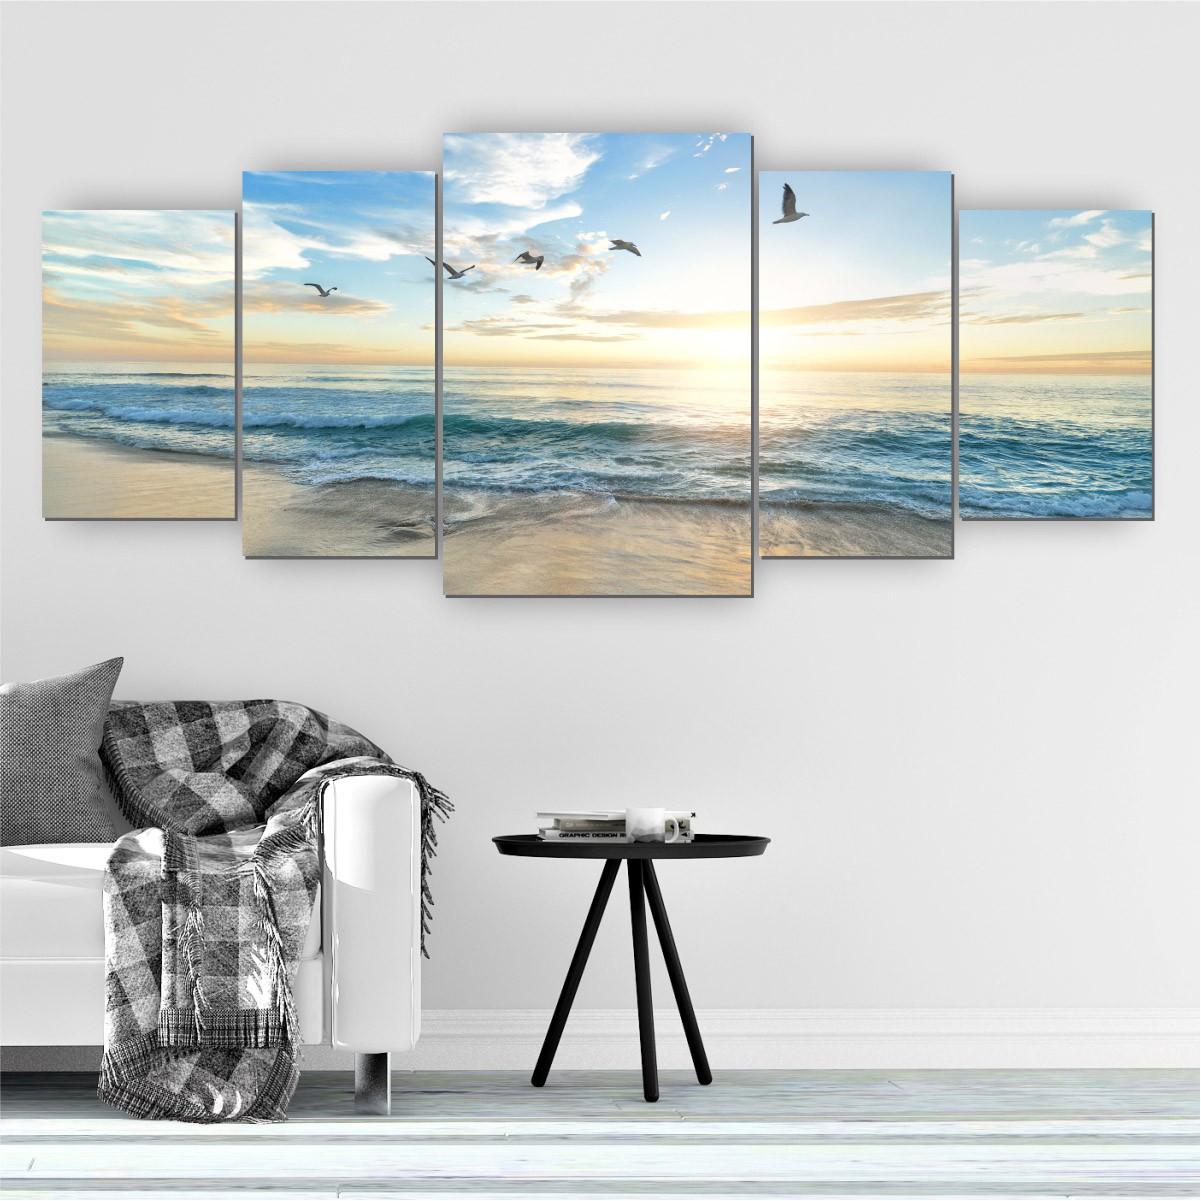 Quadro Decorativo Mosaico Sala Quarto Praia 5 peças 144x60cm